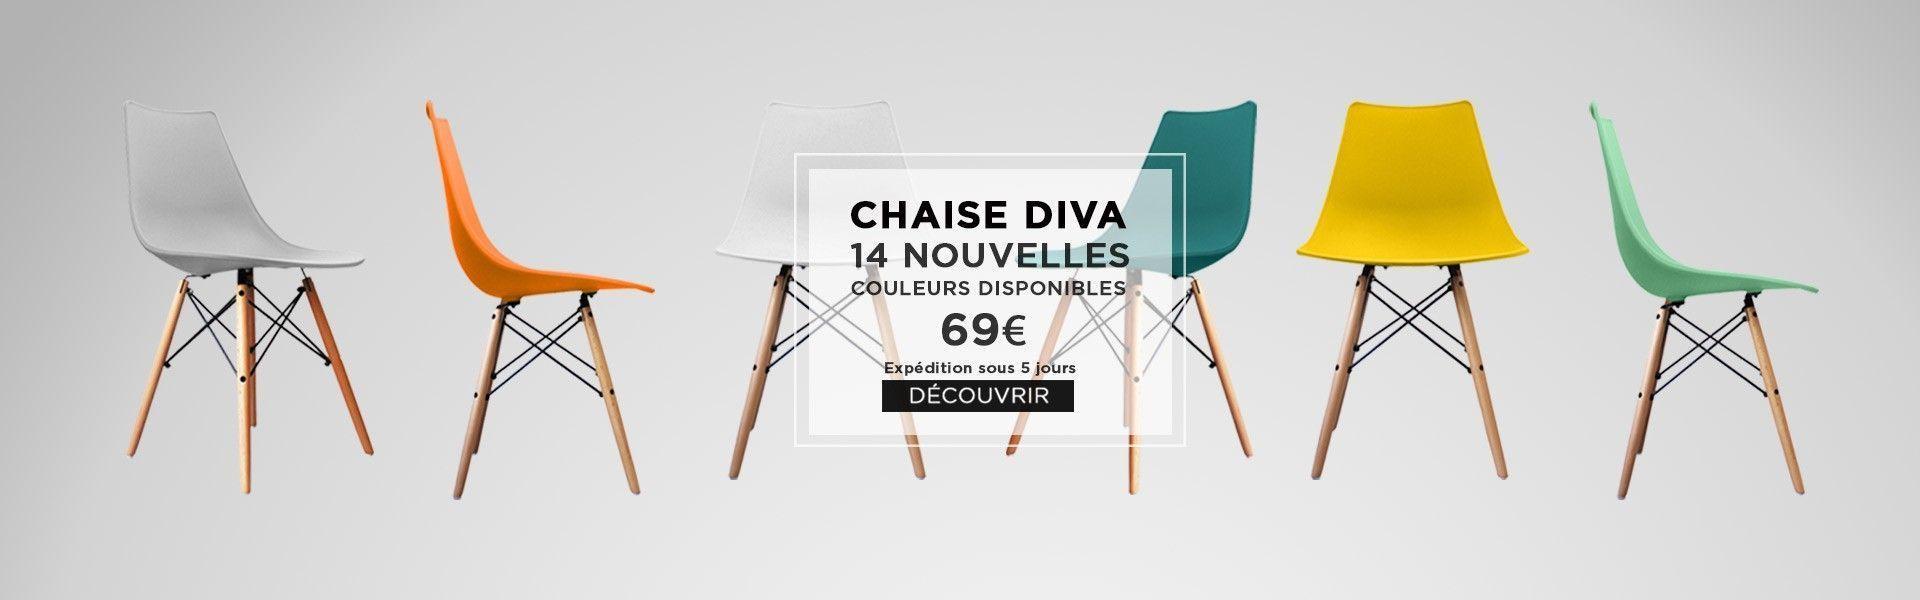 nouvelles chaises diva